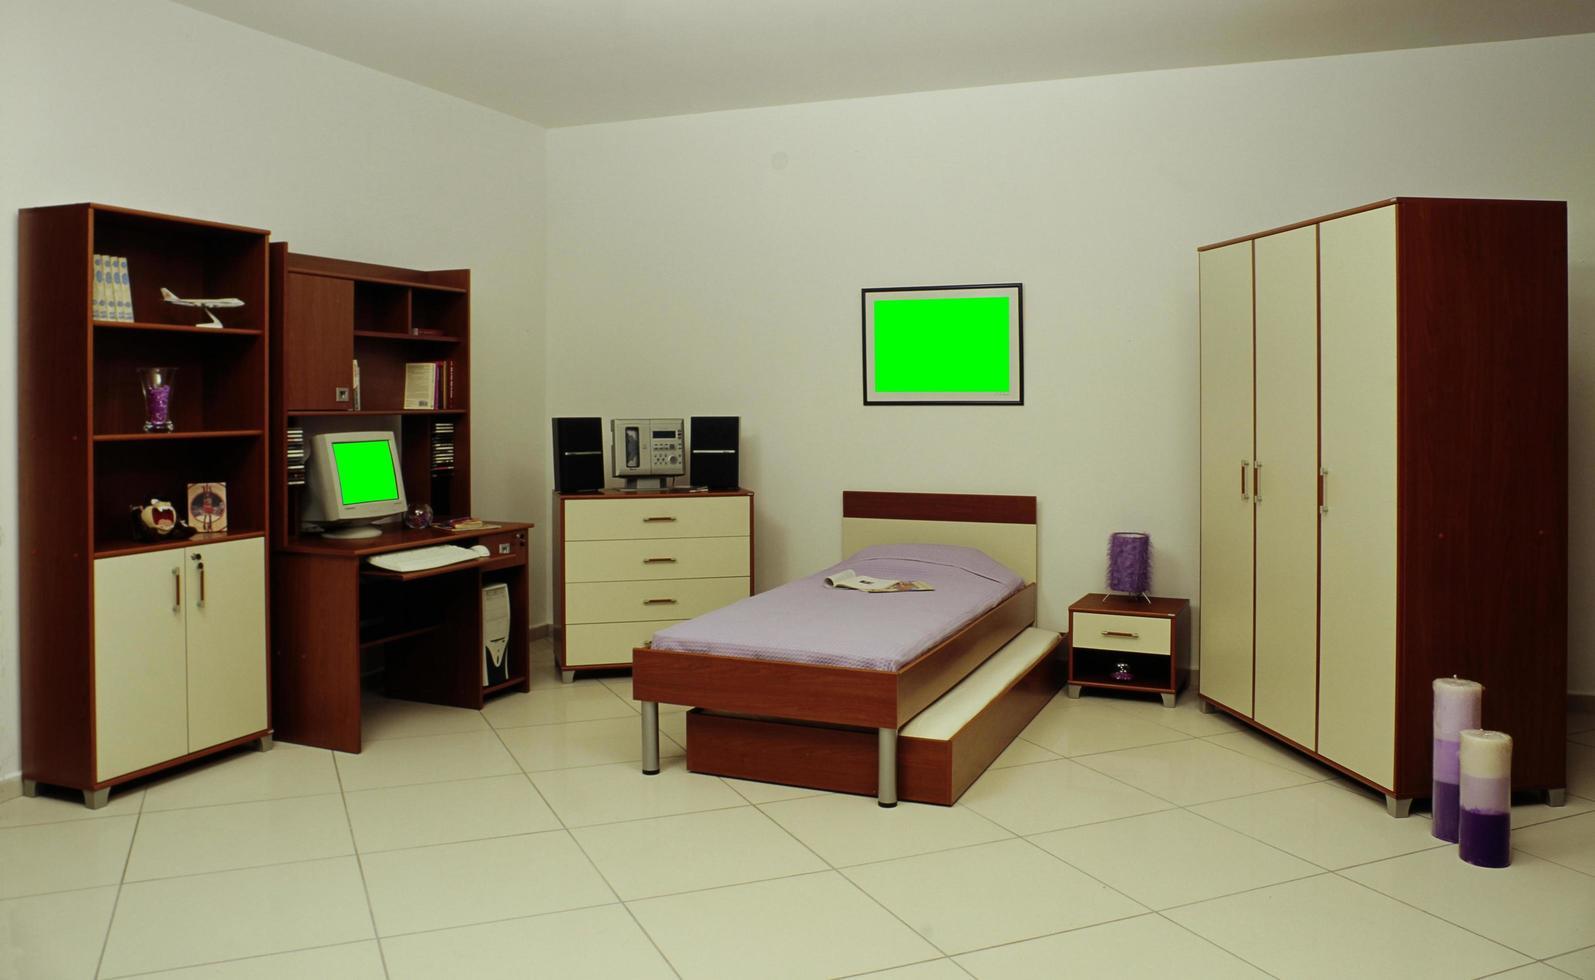 Schreibtisch, Bibliothek, Bett und Kleiderschrank fürs Kinderzimmer foto